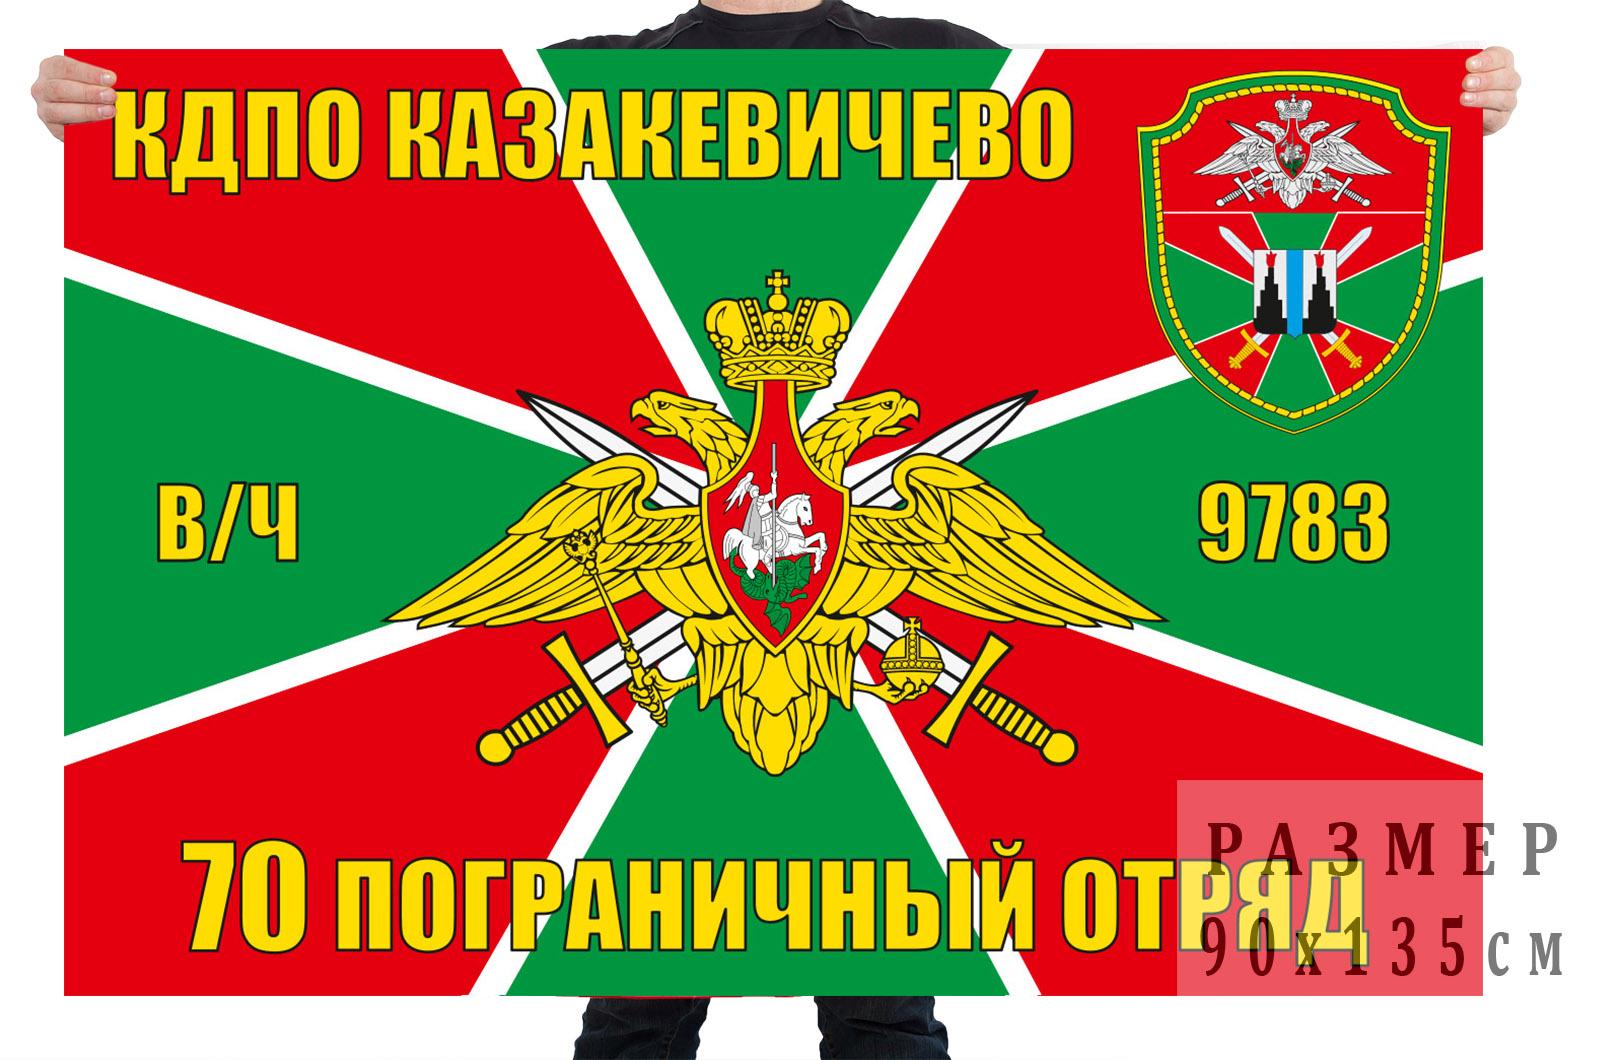 Флаг 70 Пограничного отряда КДПО Казакевичево